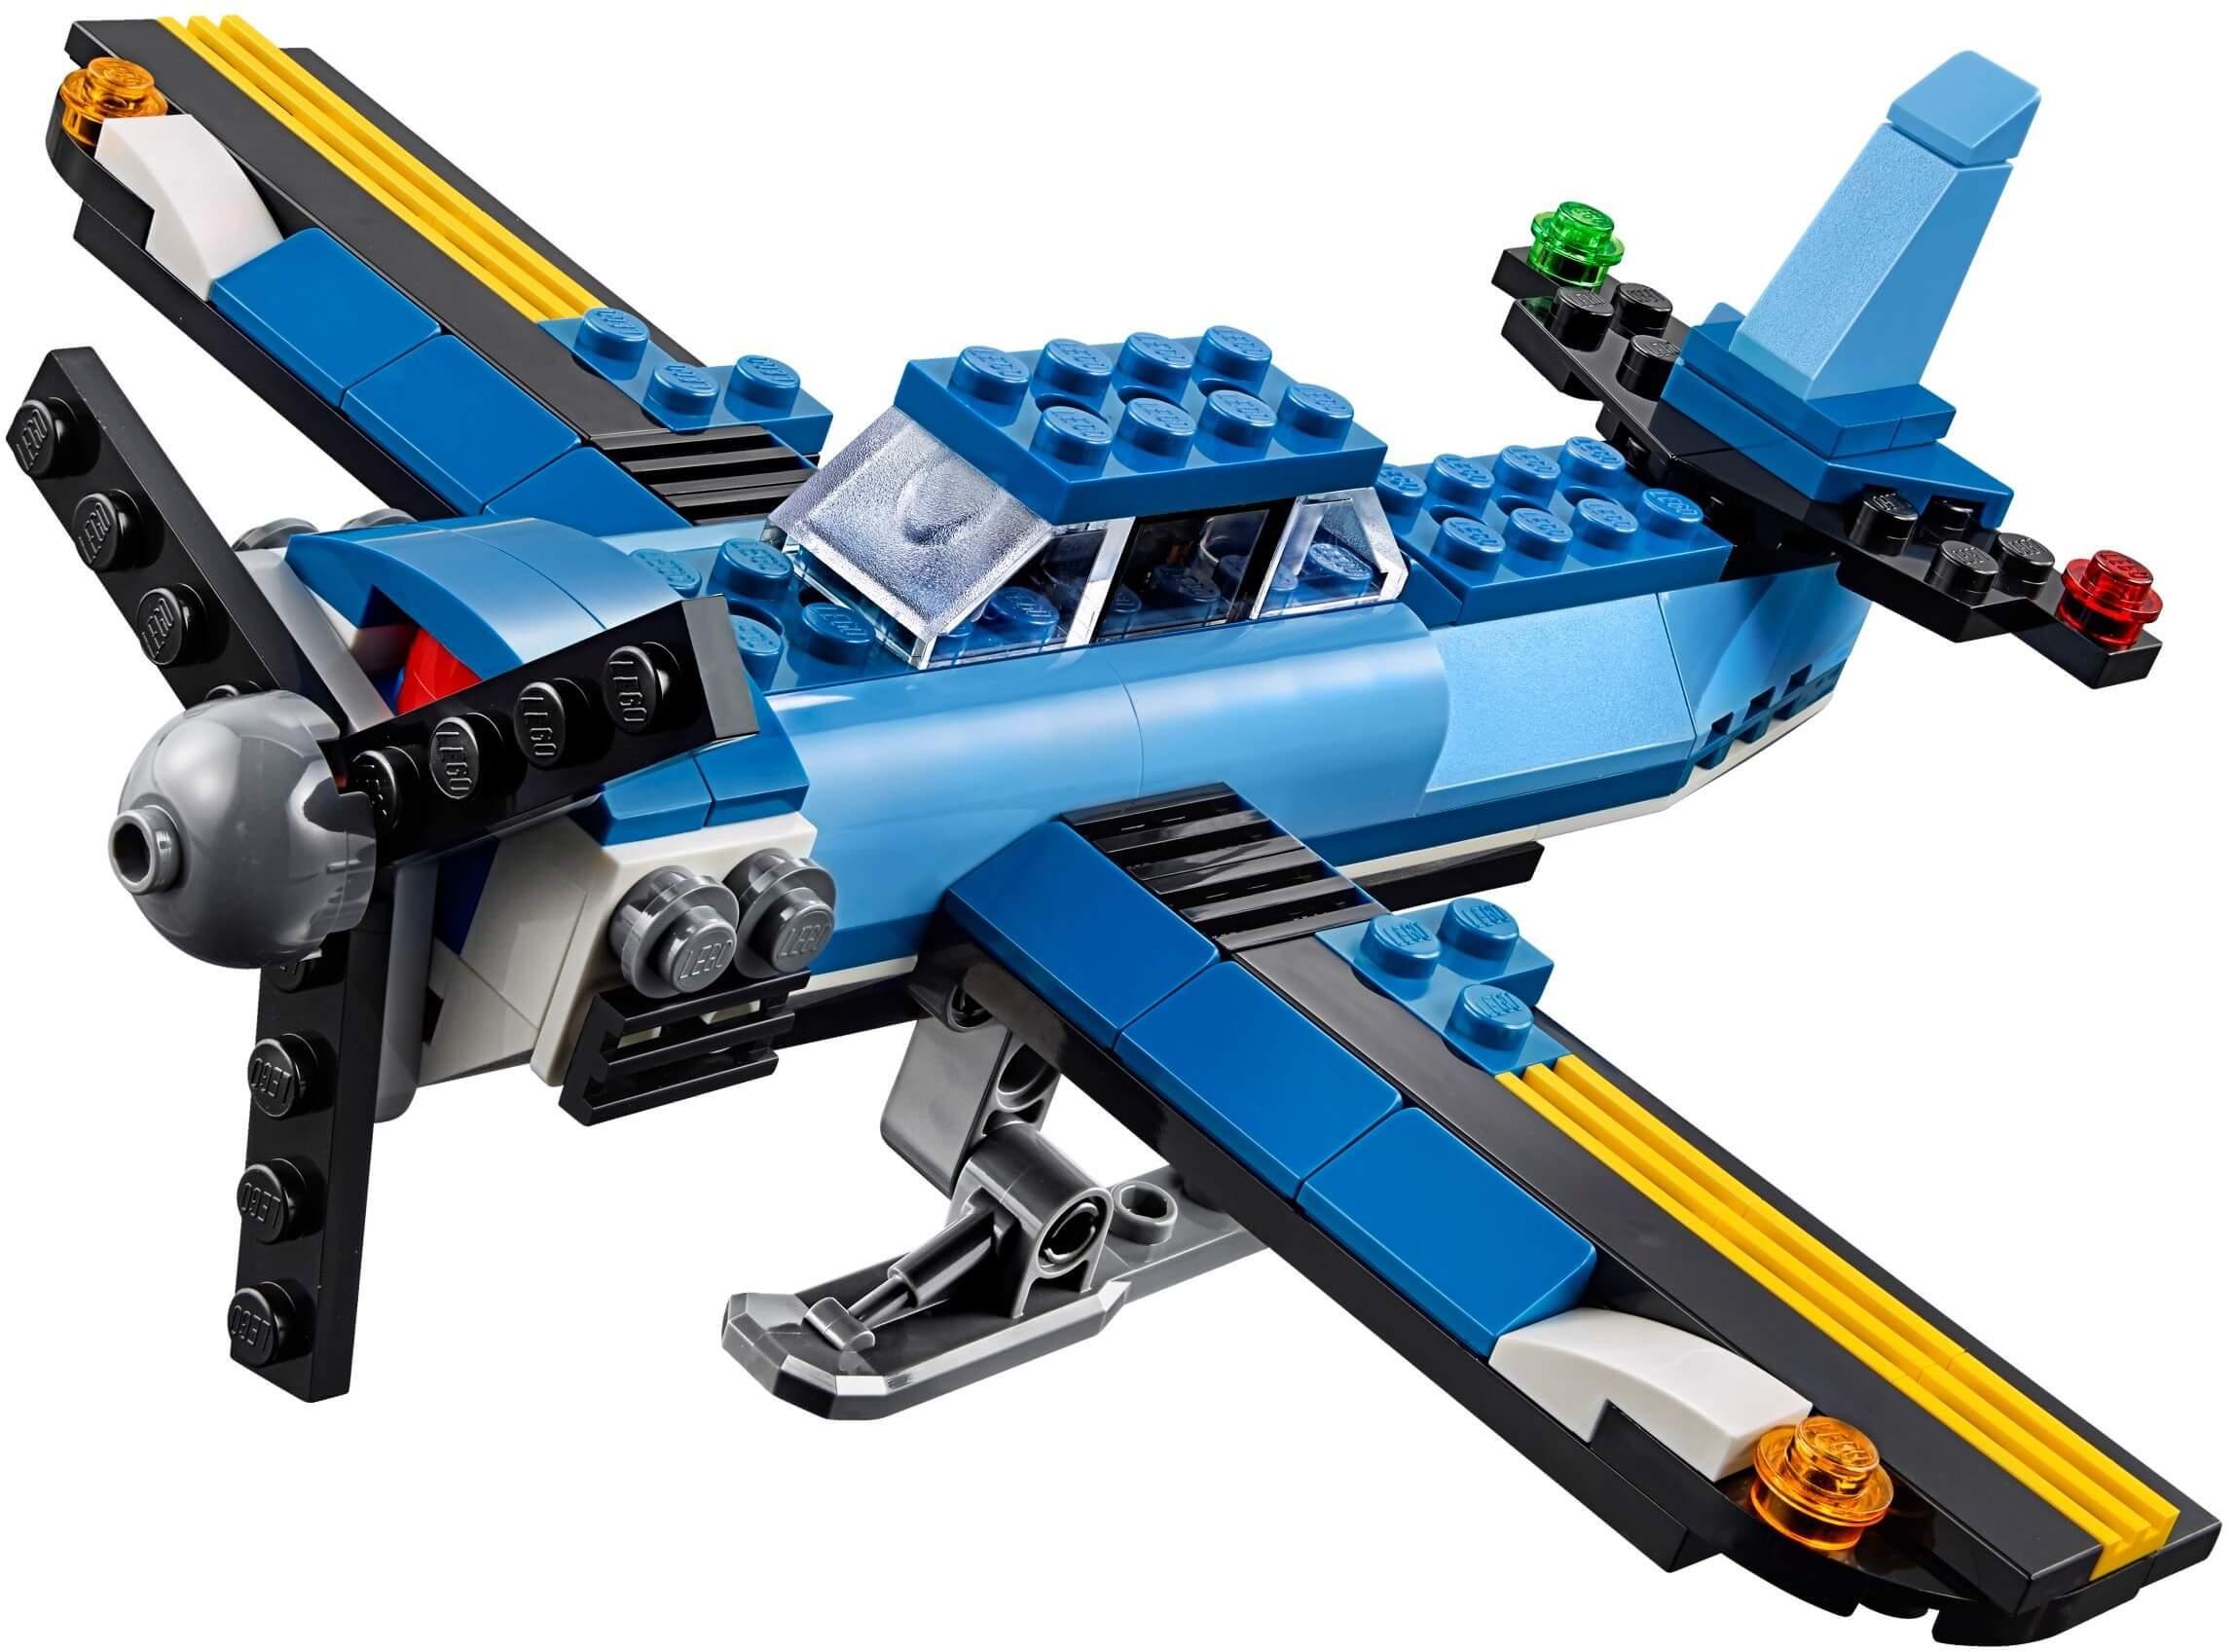 Mua đồ chơi LEGO 31049 - LEGO Creator 31049 - Mô hình Trực Thăng 2 cánh quạt 3-trong-1 (LEGO Creator Twin Spin Helicopter 31049)